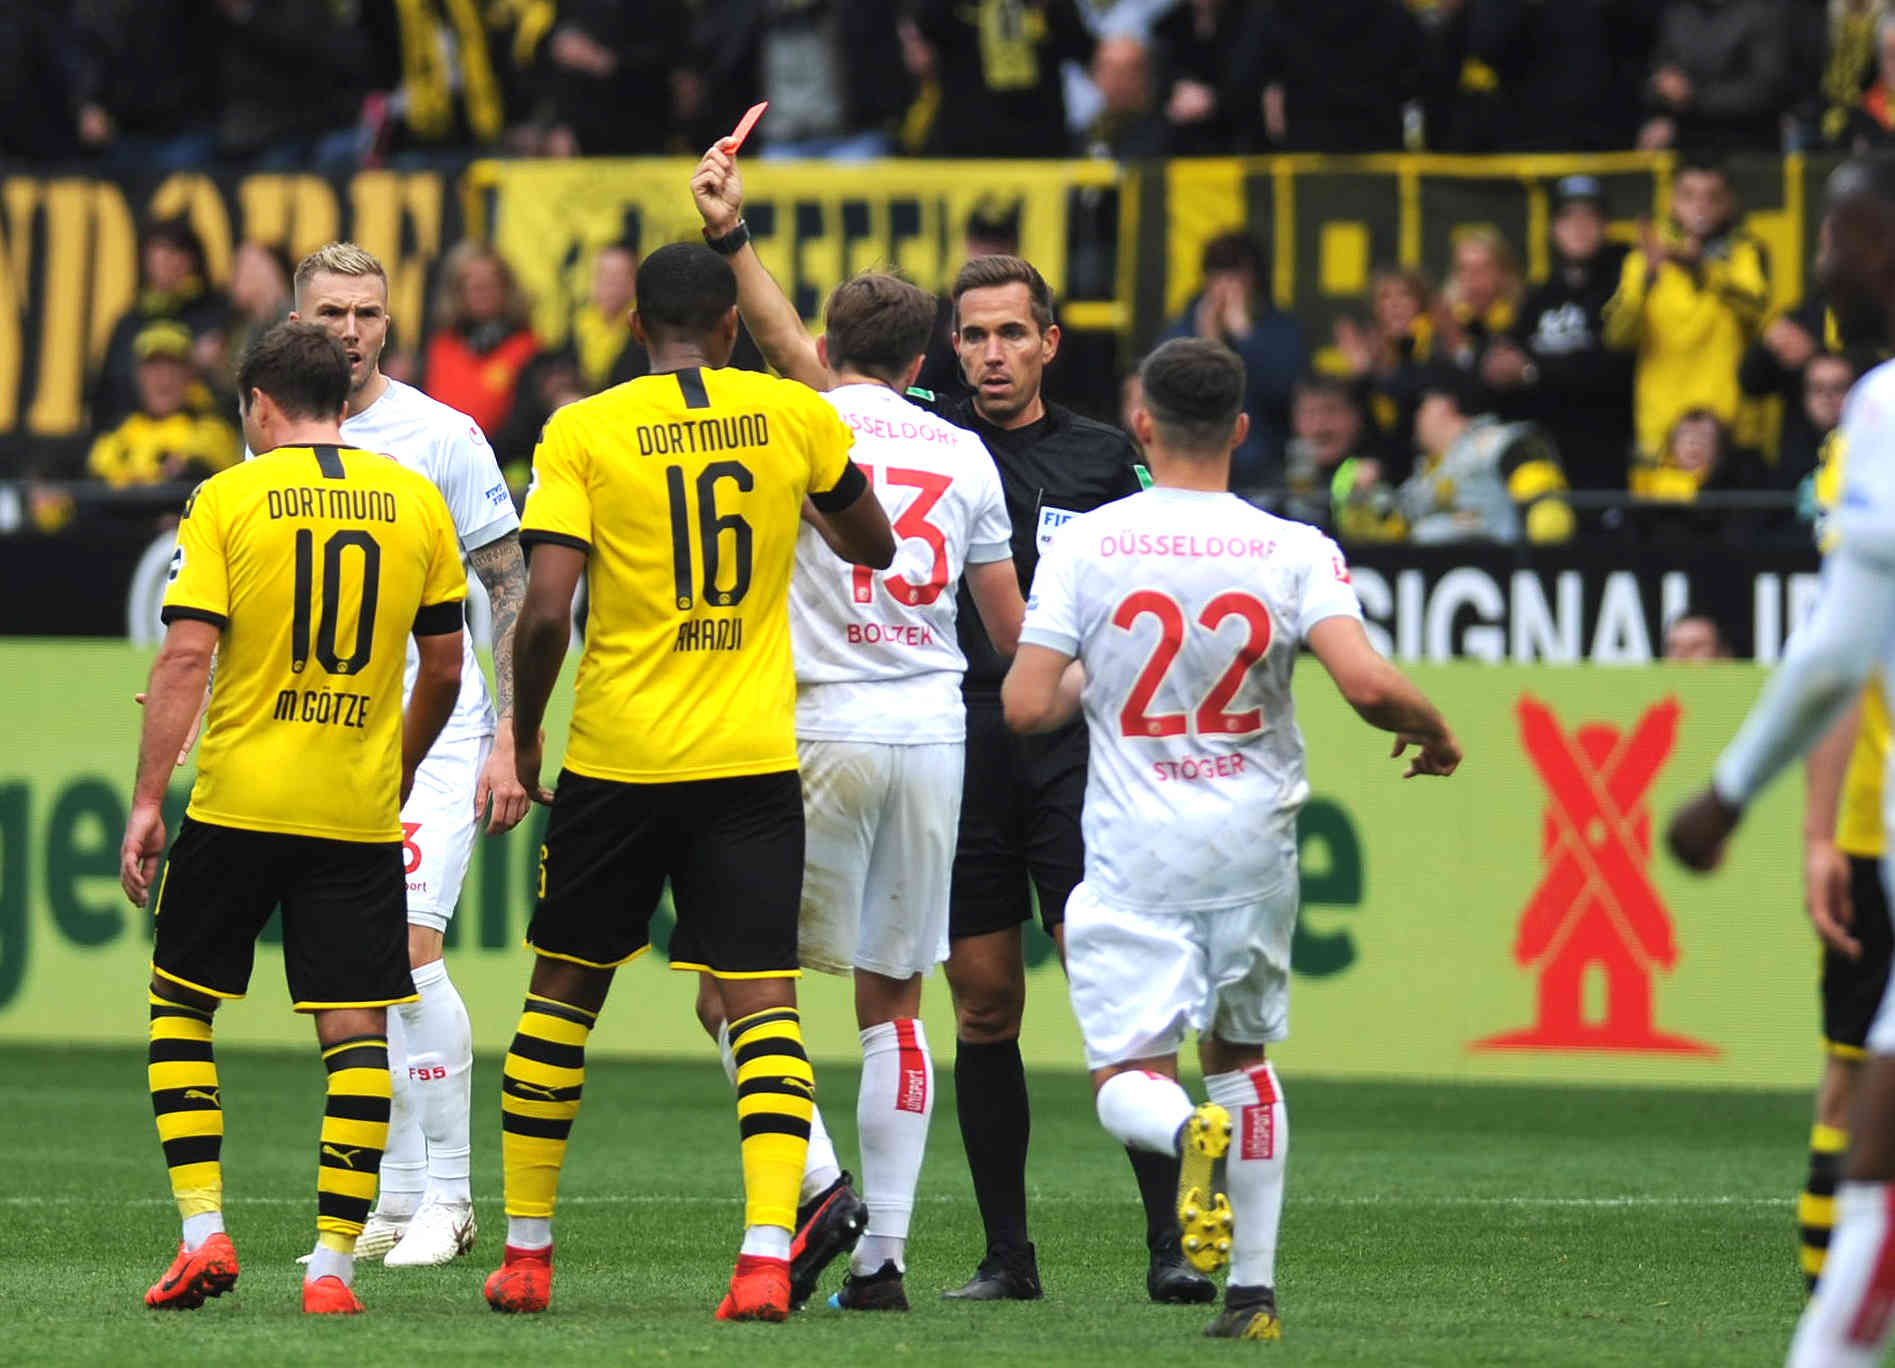 Dortmund Vs DГјГџeldorf